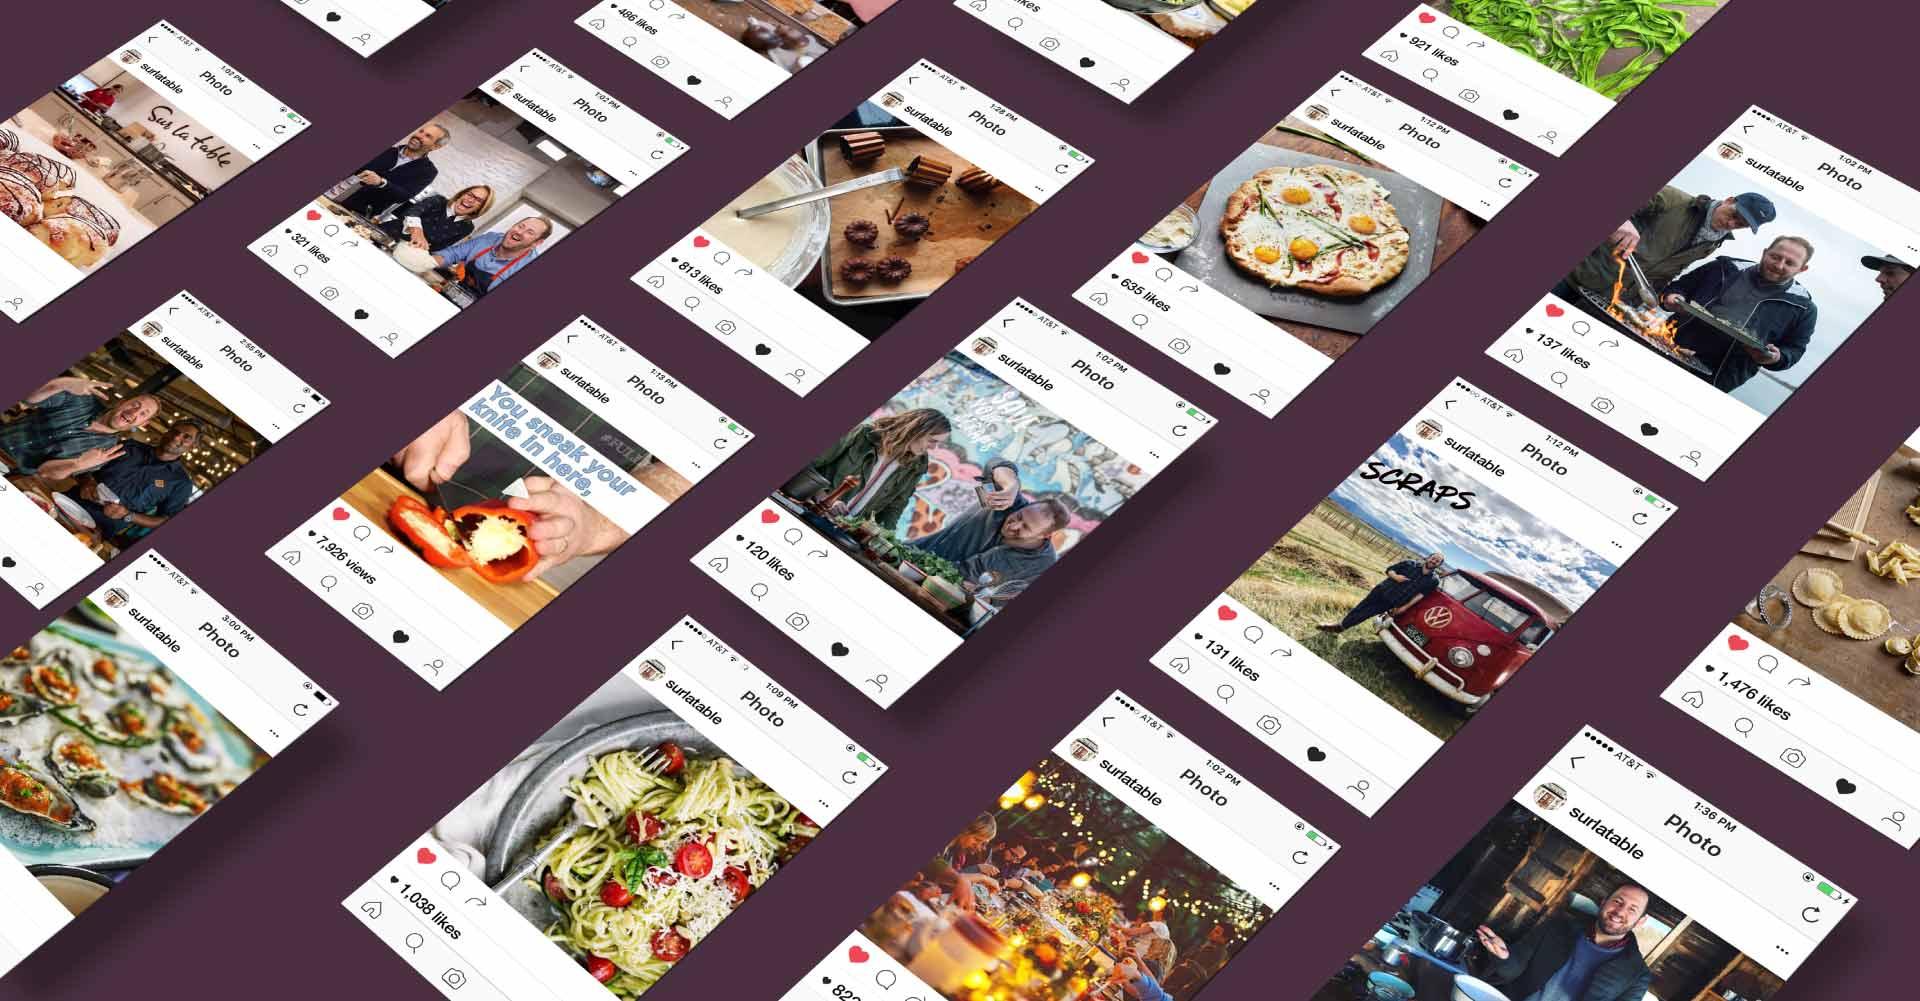 Creative_Retail_Packaging_Branding_Design_Sur_La_Table_24_3.jpg